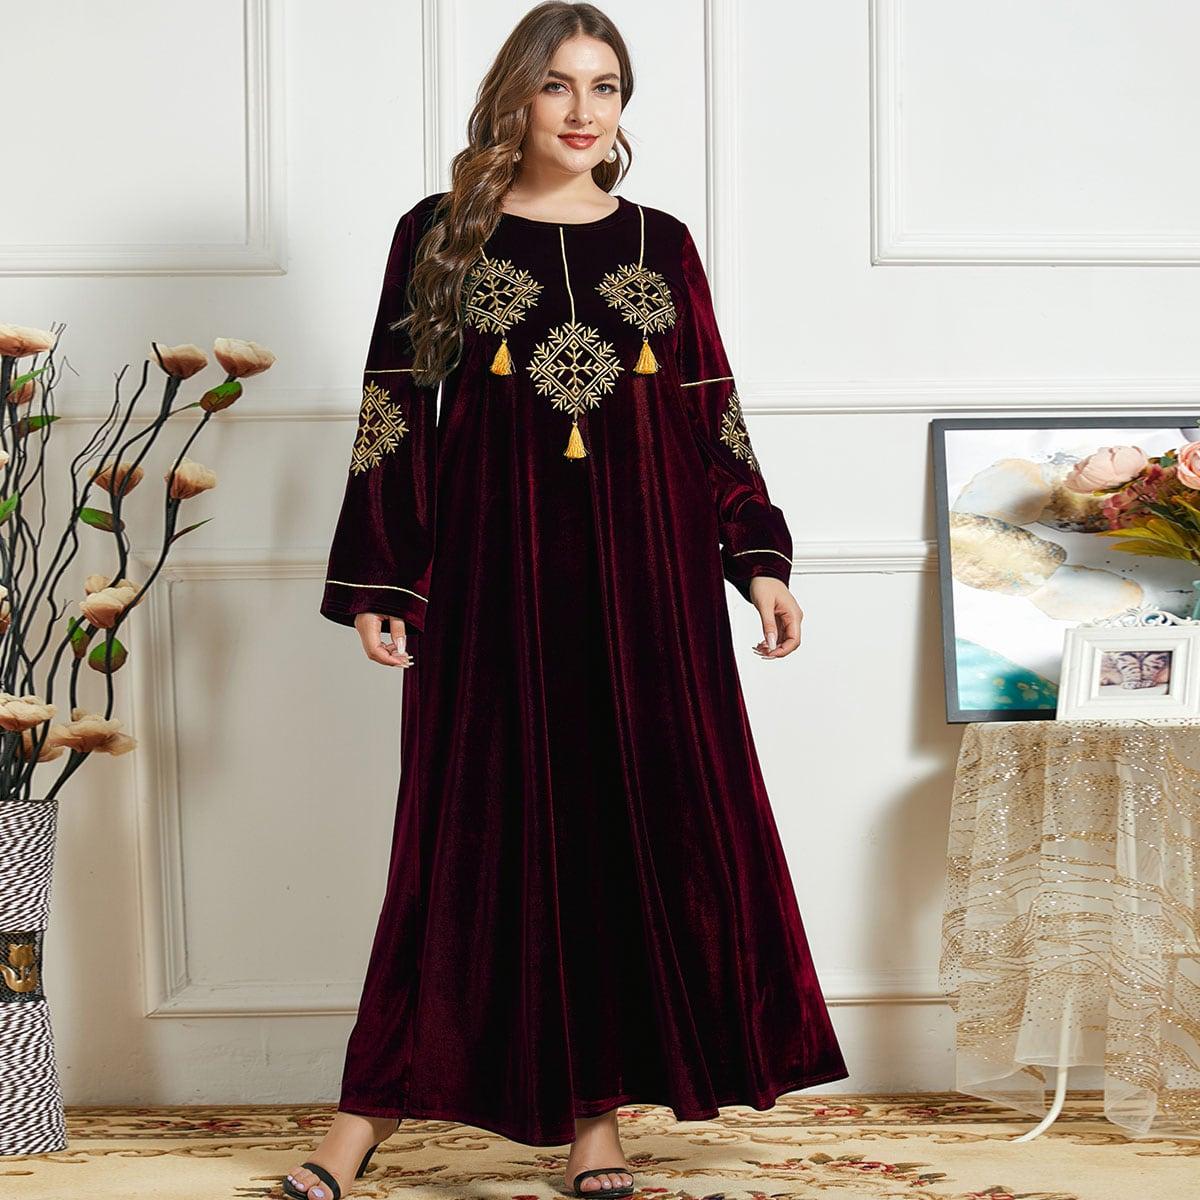 Бархатное платье размера плюс с вышивкой и бахромой